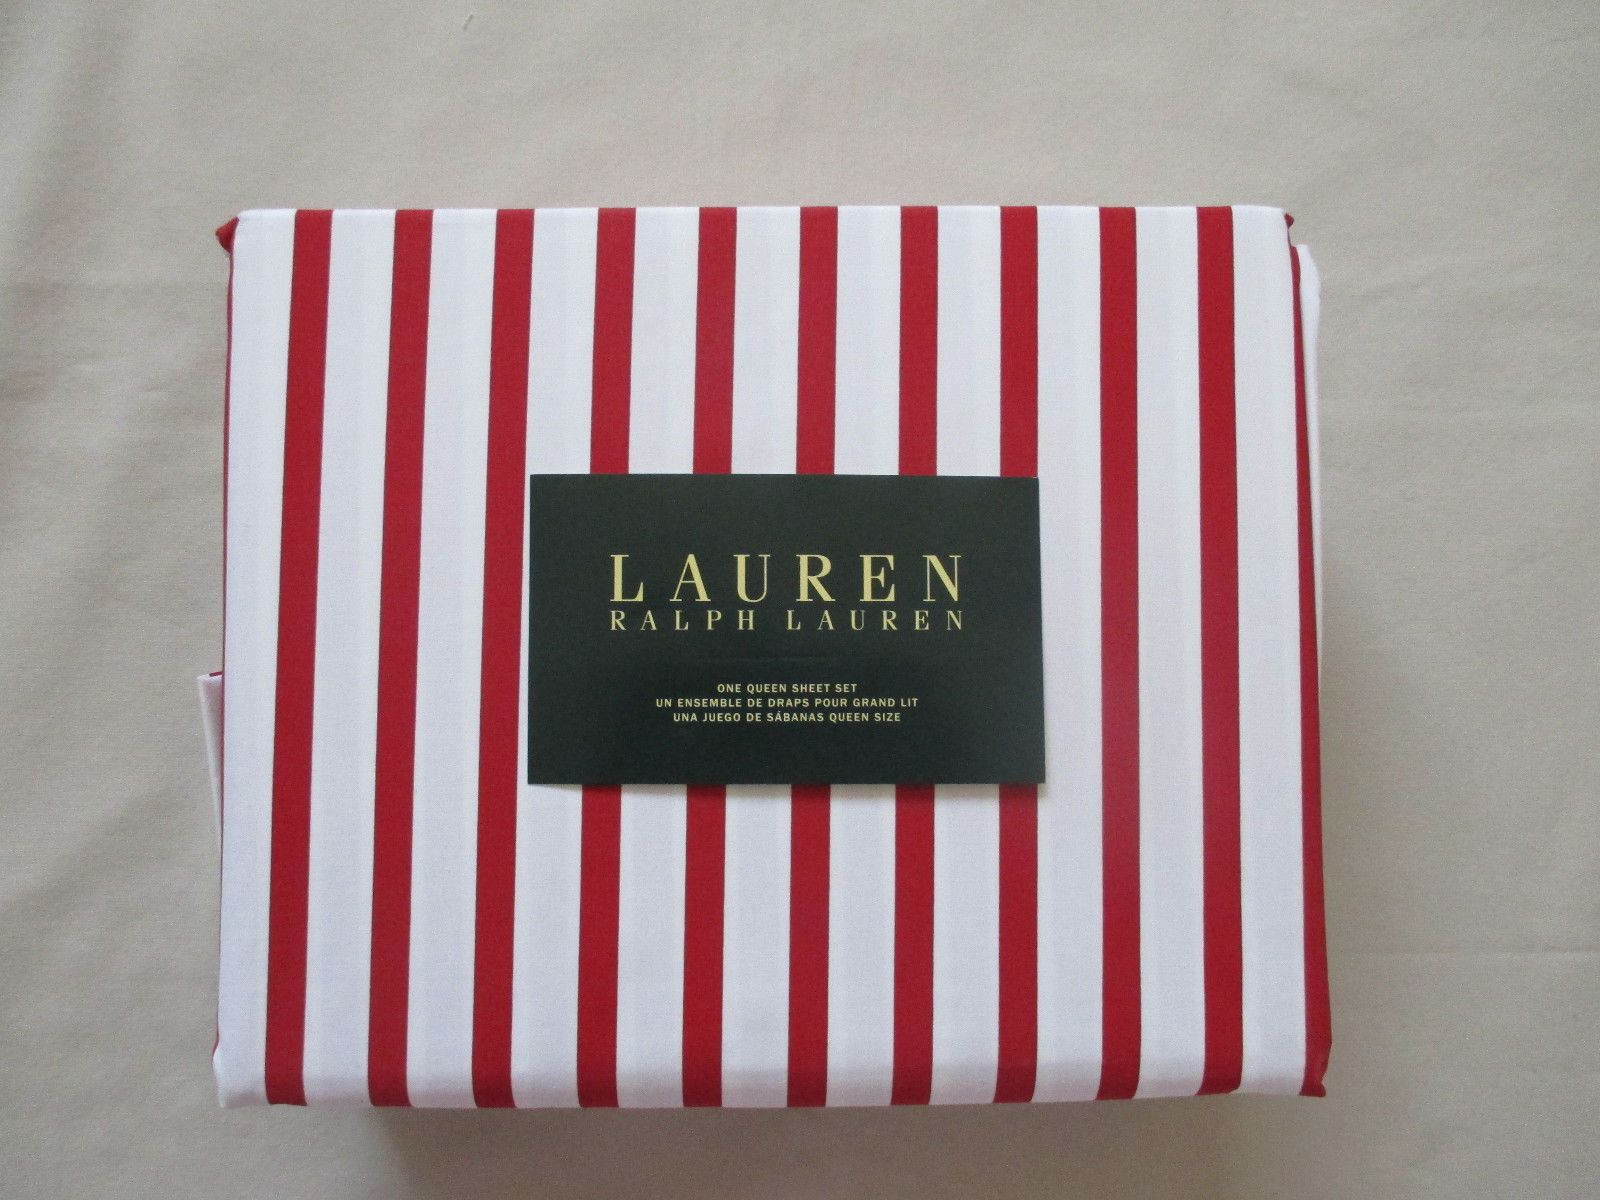 new ralph lauren linens queen sheet set contemporary red white  - new ralph lauren linens queen sheet set contemporary red white stripes ebay